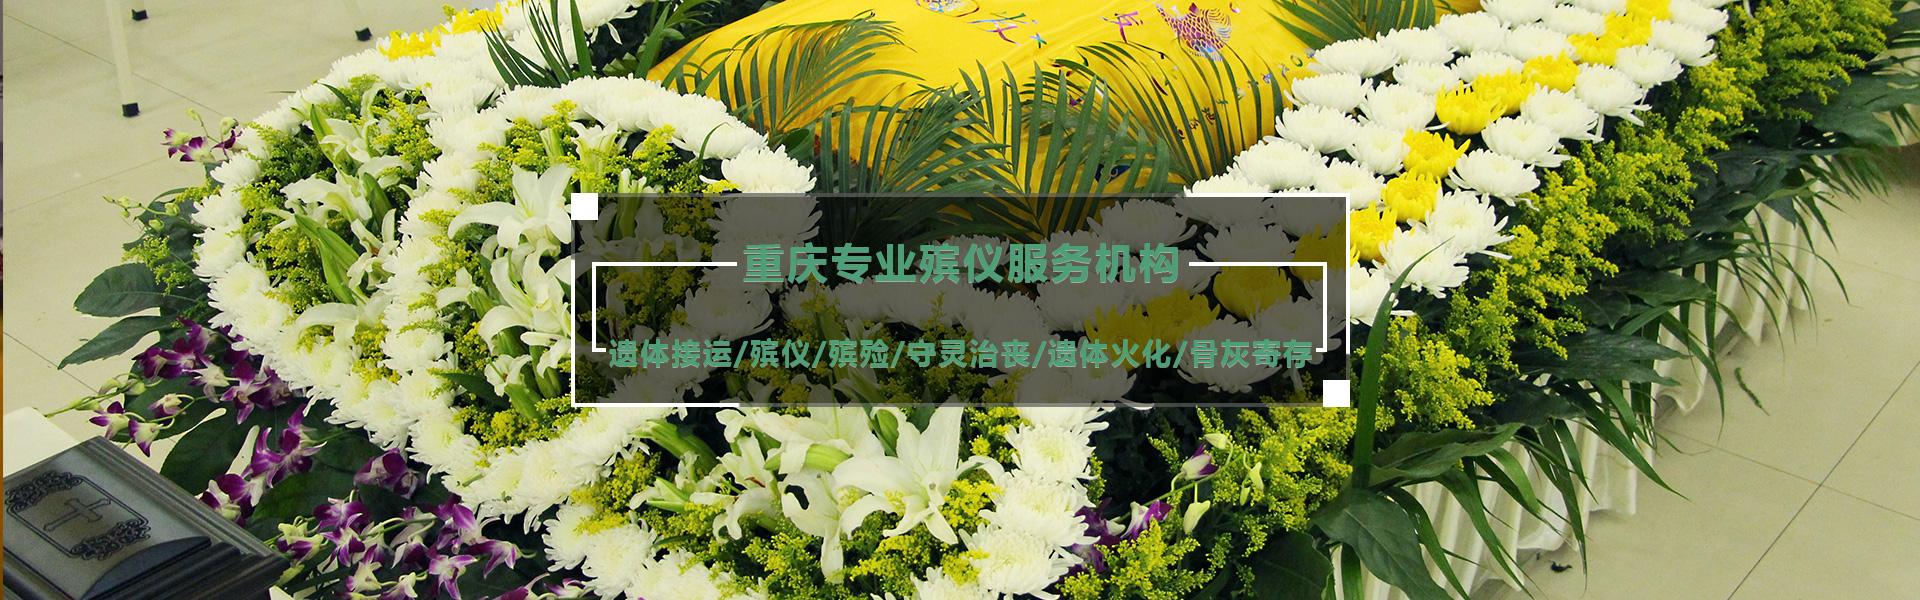 重庆丧葬服务